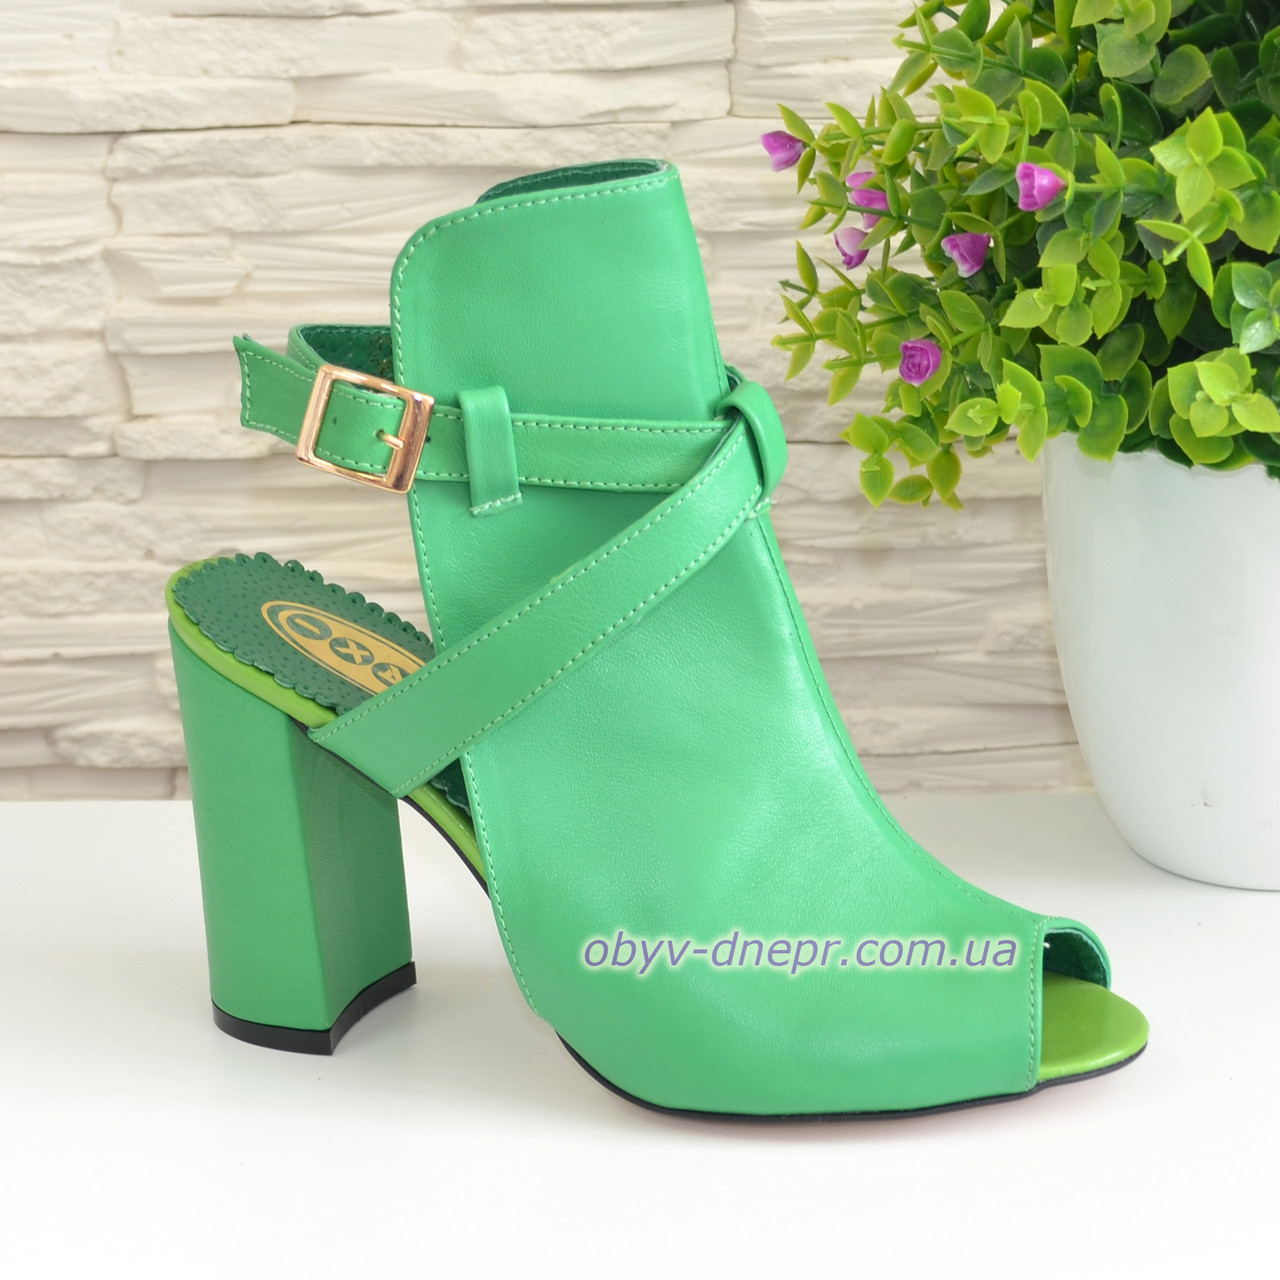 Женские зеленые кожаные босоножки на высоком устойчивом каблуке